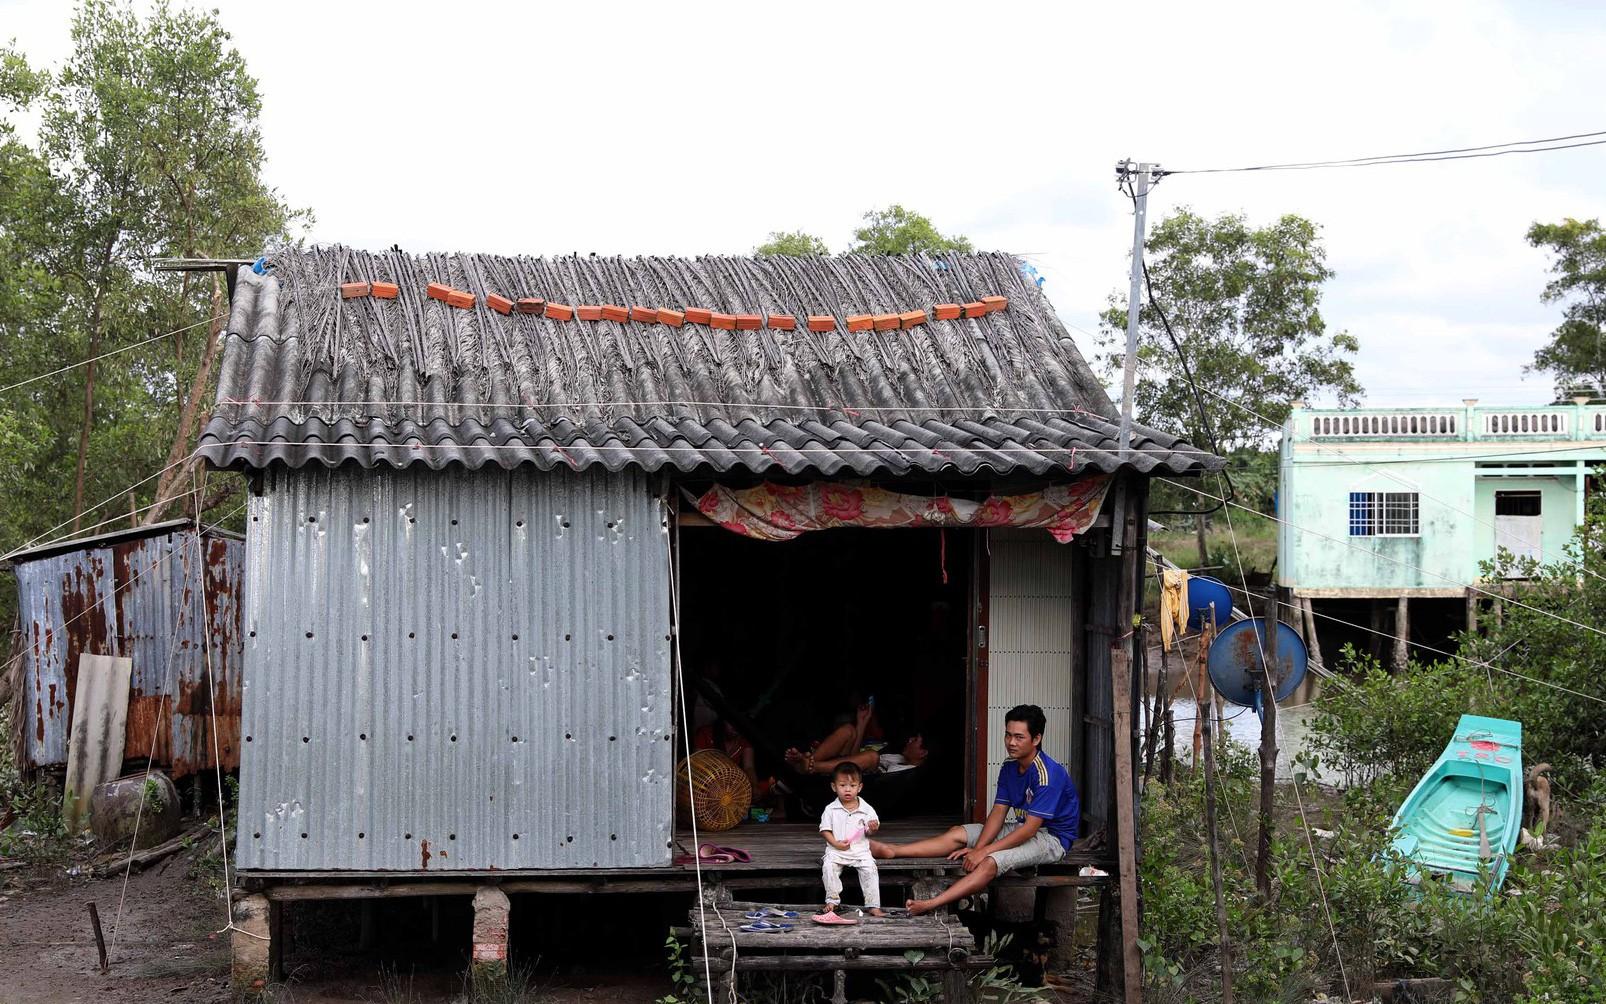 Chống bão bằng lưới, ống nước: Dân nói biết gì làm nấy